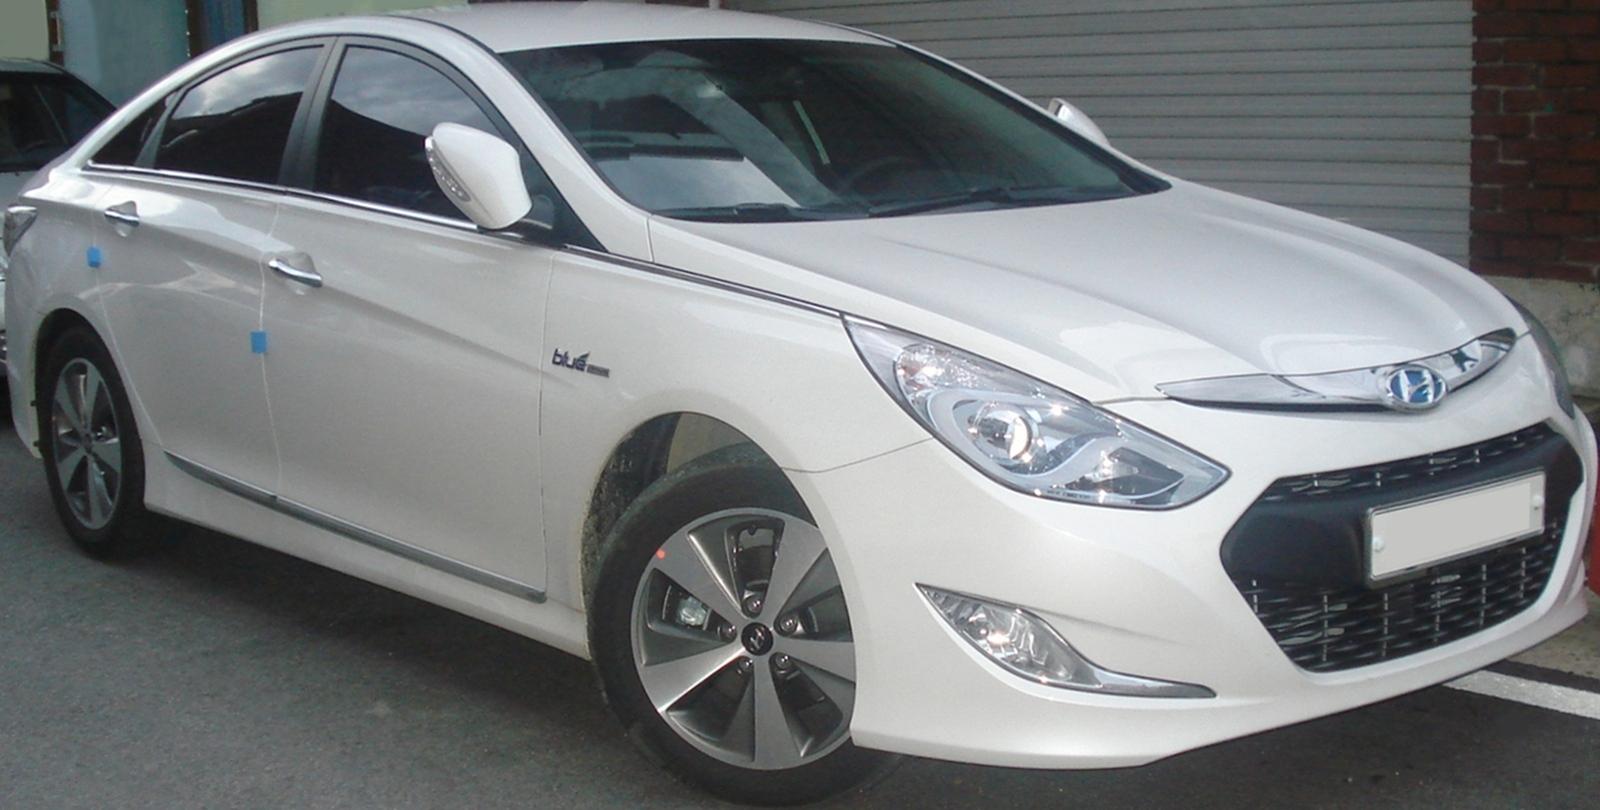 File:20110727 Hyundai Sonata Hybrid 1